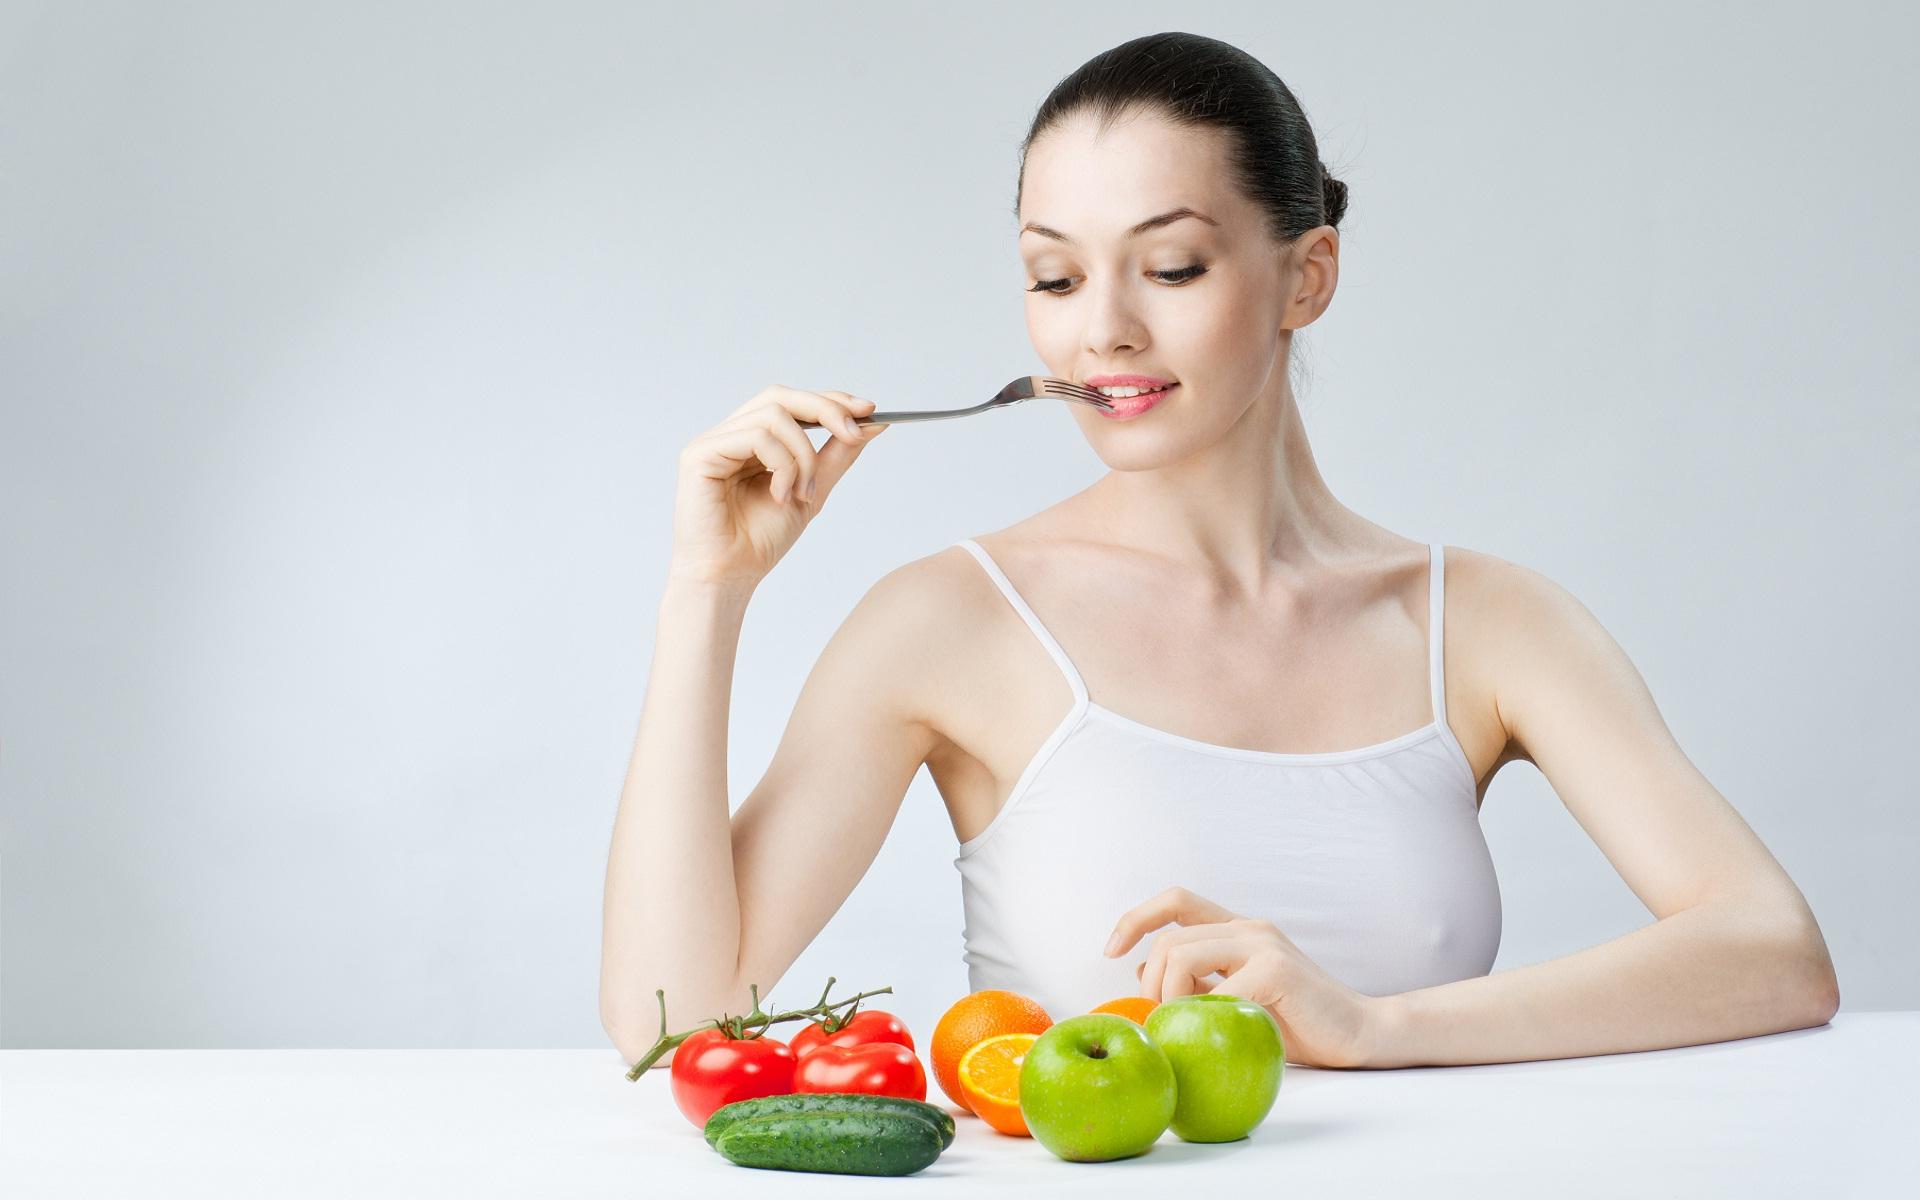 как кушать после тренировки чтобы похудеть